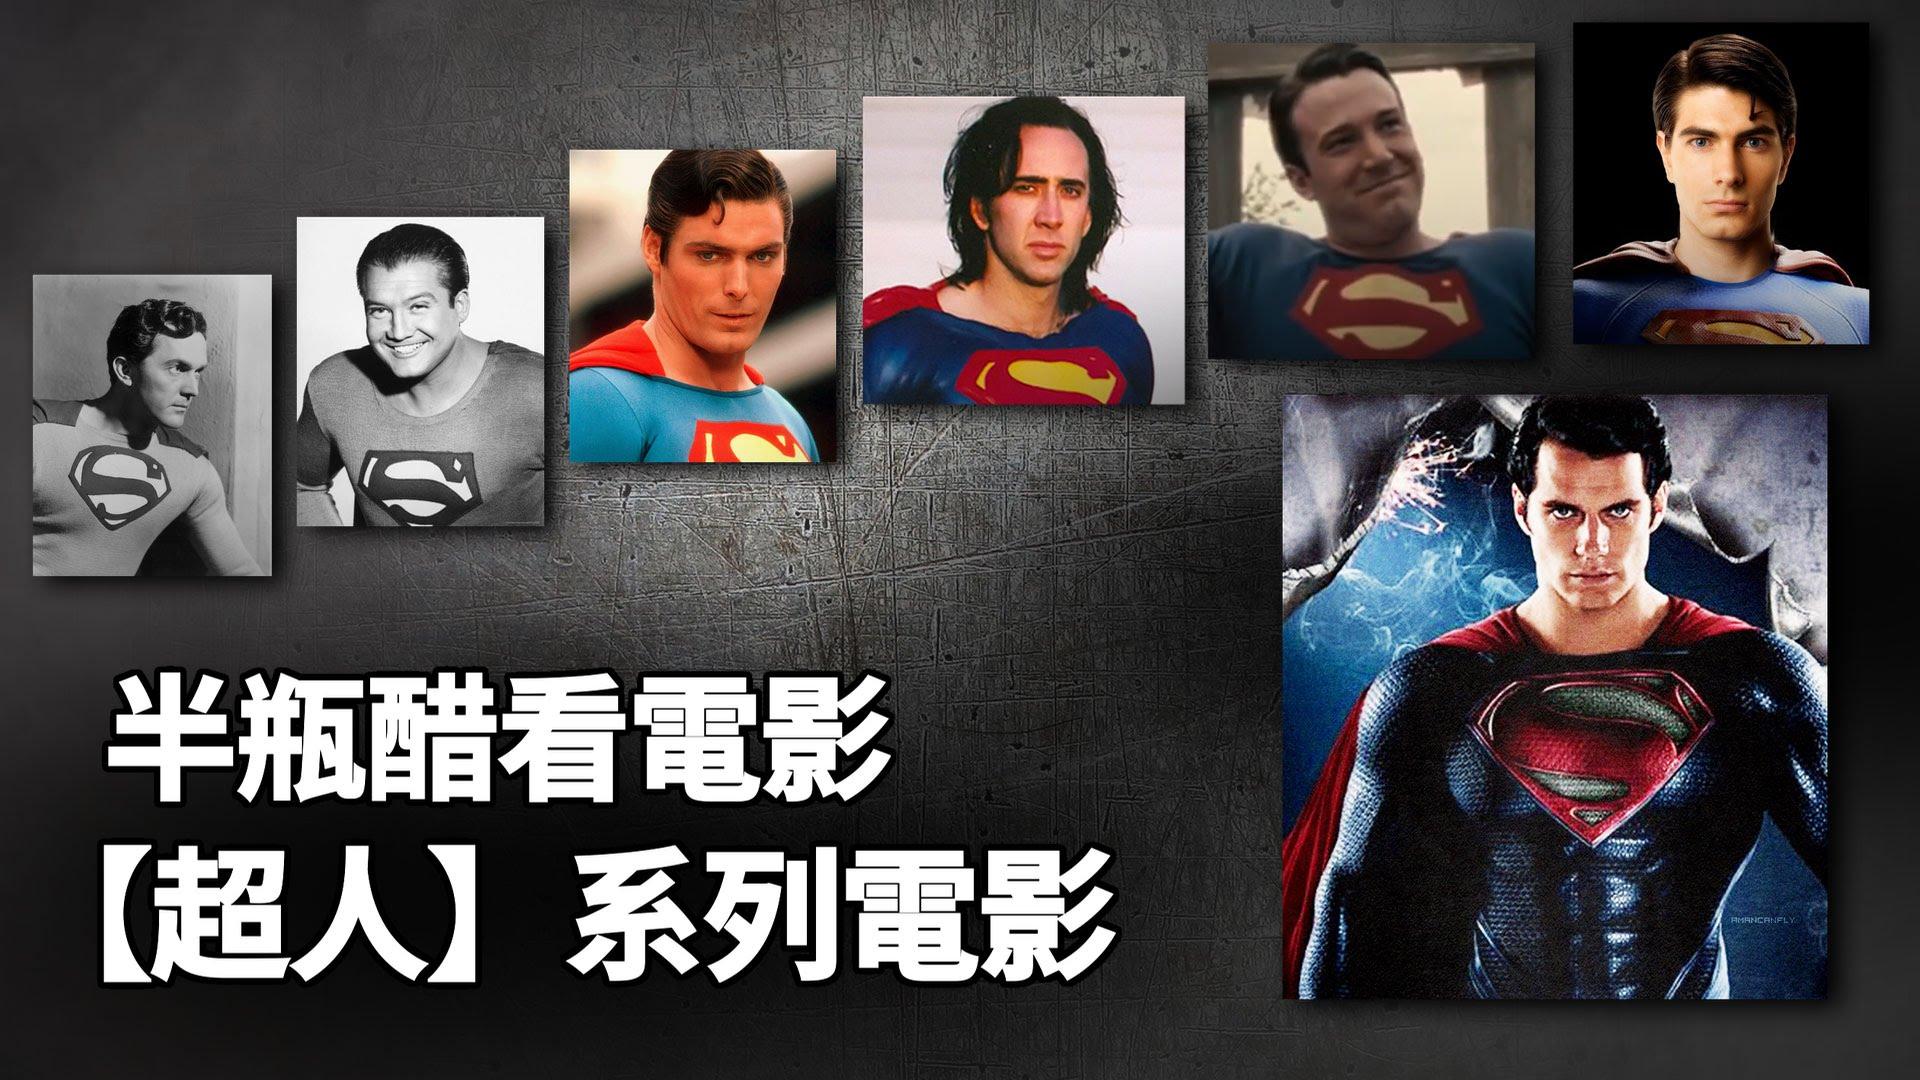 「全員回歸」?超人到底會不會現身正義聯盟呢?DC最偉大的英雄【超人】歷代故事|半瓶醋